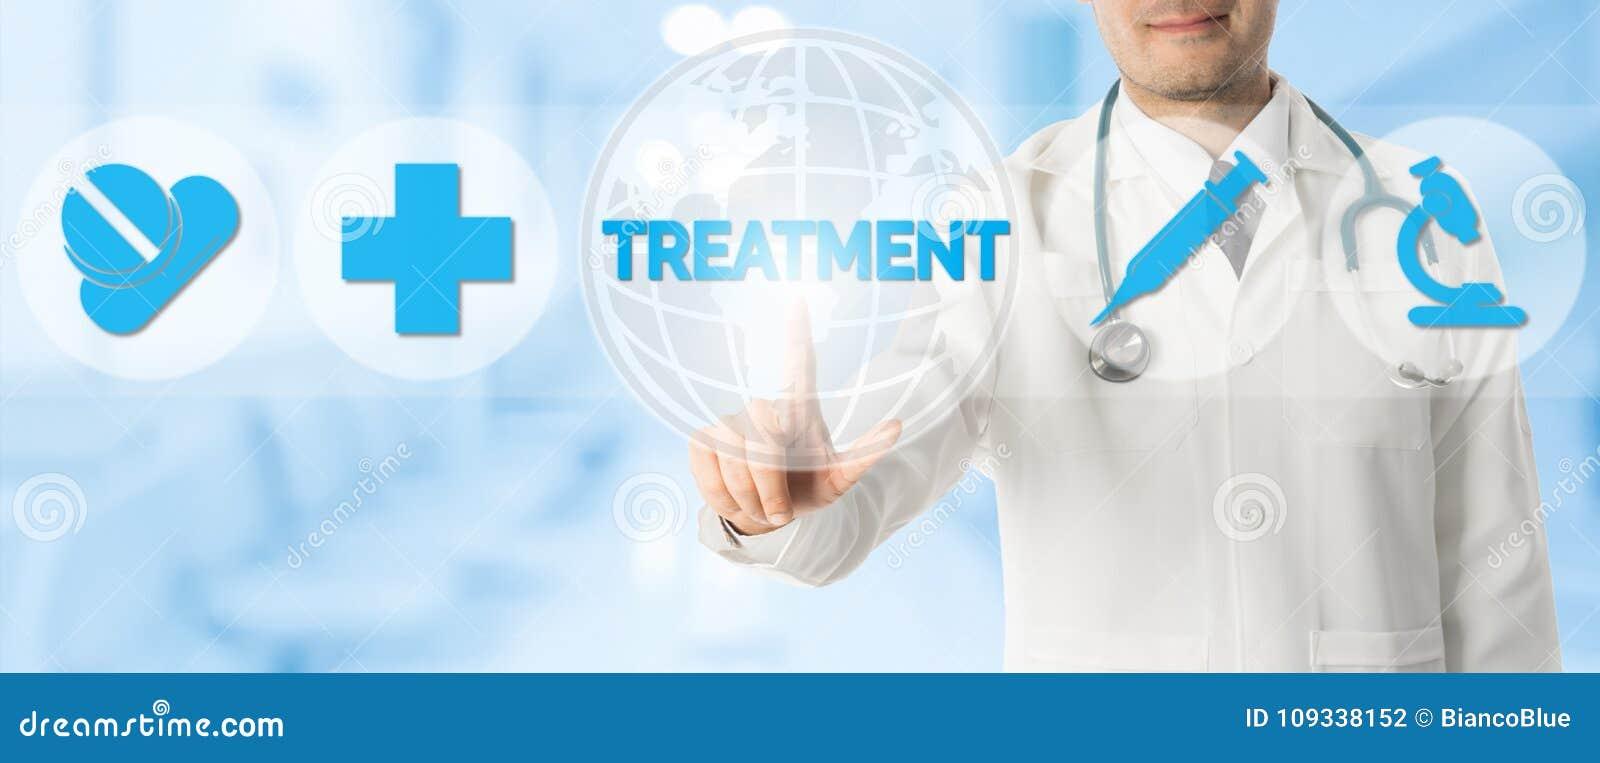 Doktor Points på BEHANDLING med medicinska symboler